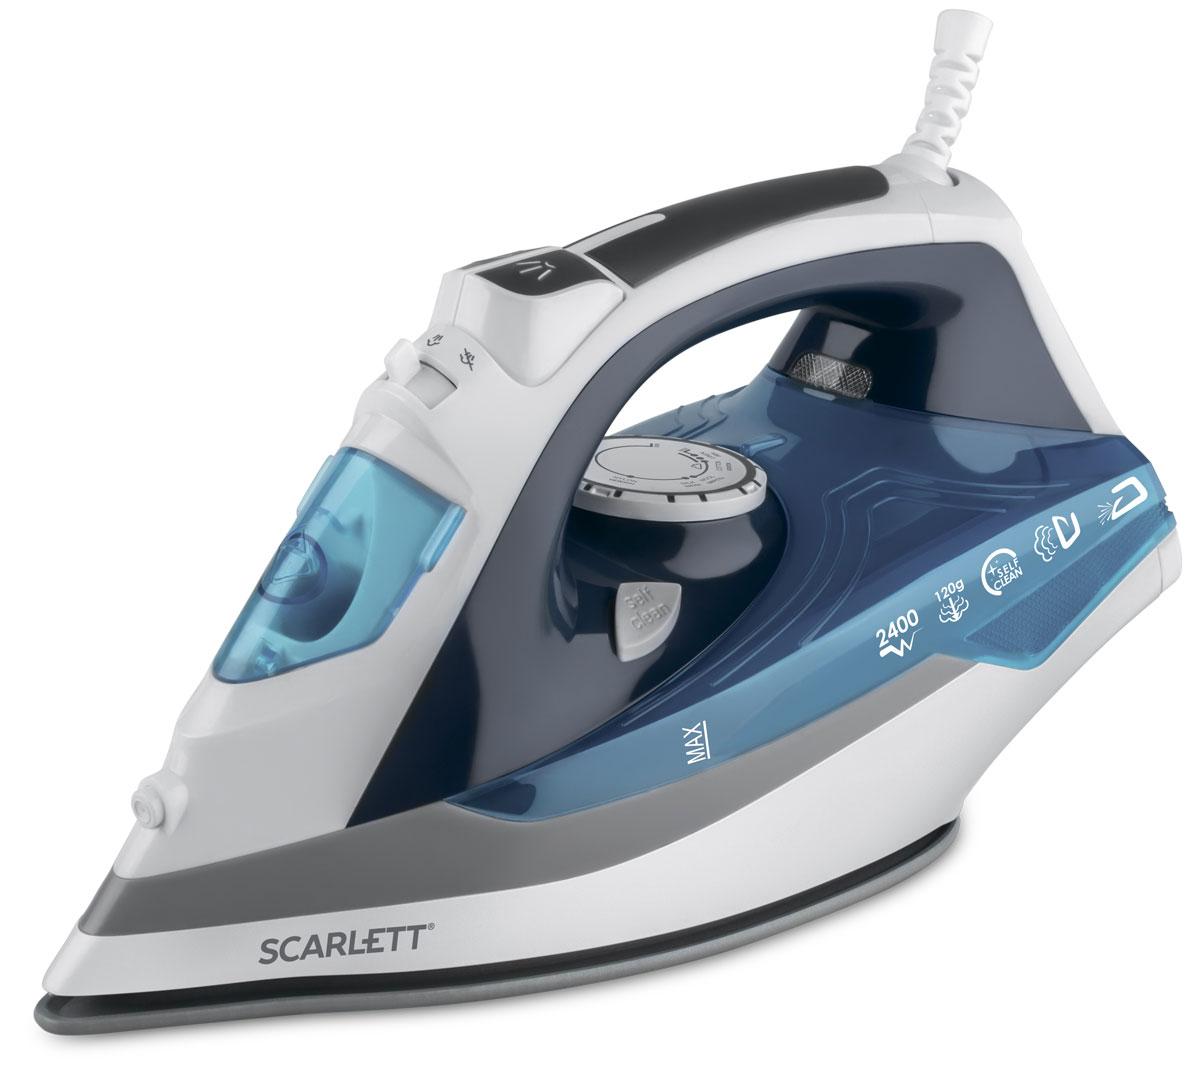 Scarlett SC-SI30P06 утюгSC-SI30P06Утюг Scarlett SC-SI30P06 облегчает уход за одеждой и приятно удивит вас своими возможностями. Подошва утюга с керамическим покрытием обеспечивает идеальное скольжение и избавит ваши вещи даже от самых сложных складок.Прибор обладает всеми необходимыми функциями для отличного результата: классический режим сухого глажения, отпаривание с регулировкой, функция разбрызгивания, возможность вертикального отпаривания. Модель оснащена функциями парового удара и самоочистки, а также системой анти-капля и анти-накипь. Уровень подачи пара регулируется. Индикатор нагрева напомнит вам, что прибор включен. Прорезиненная ручка устройства обеспечивает удобство использования. Сетевой шнур крепится при помощи шарового механизма, что не позволяет ему запутаться во время эксплуатации. В комплект входит мерный стаканчик для залива воды.